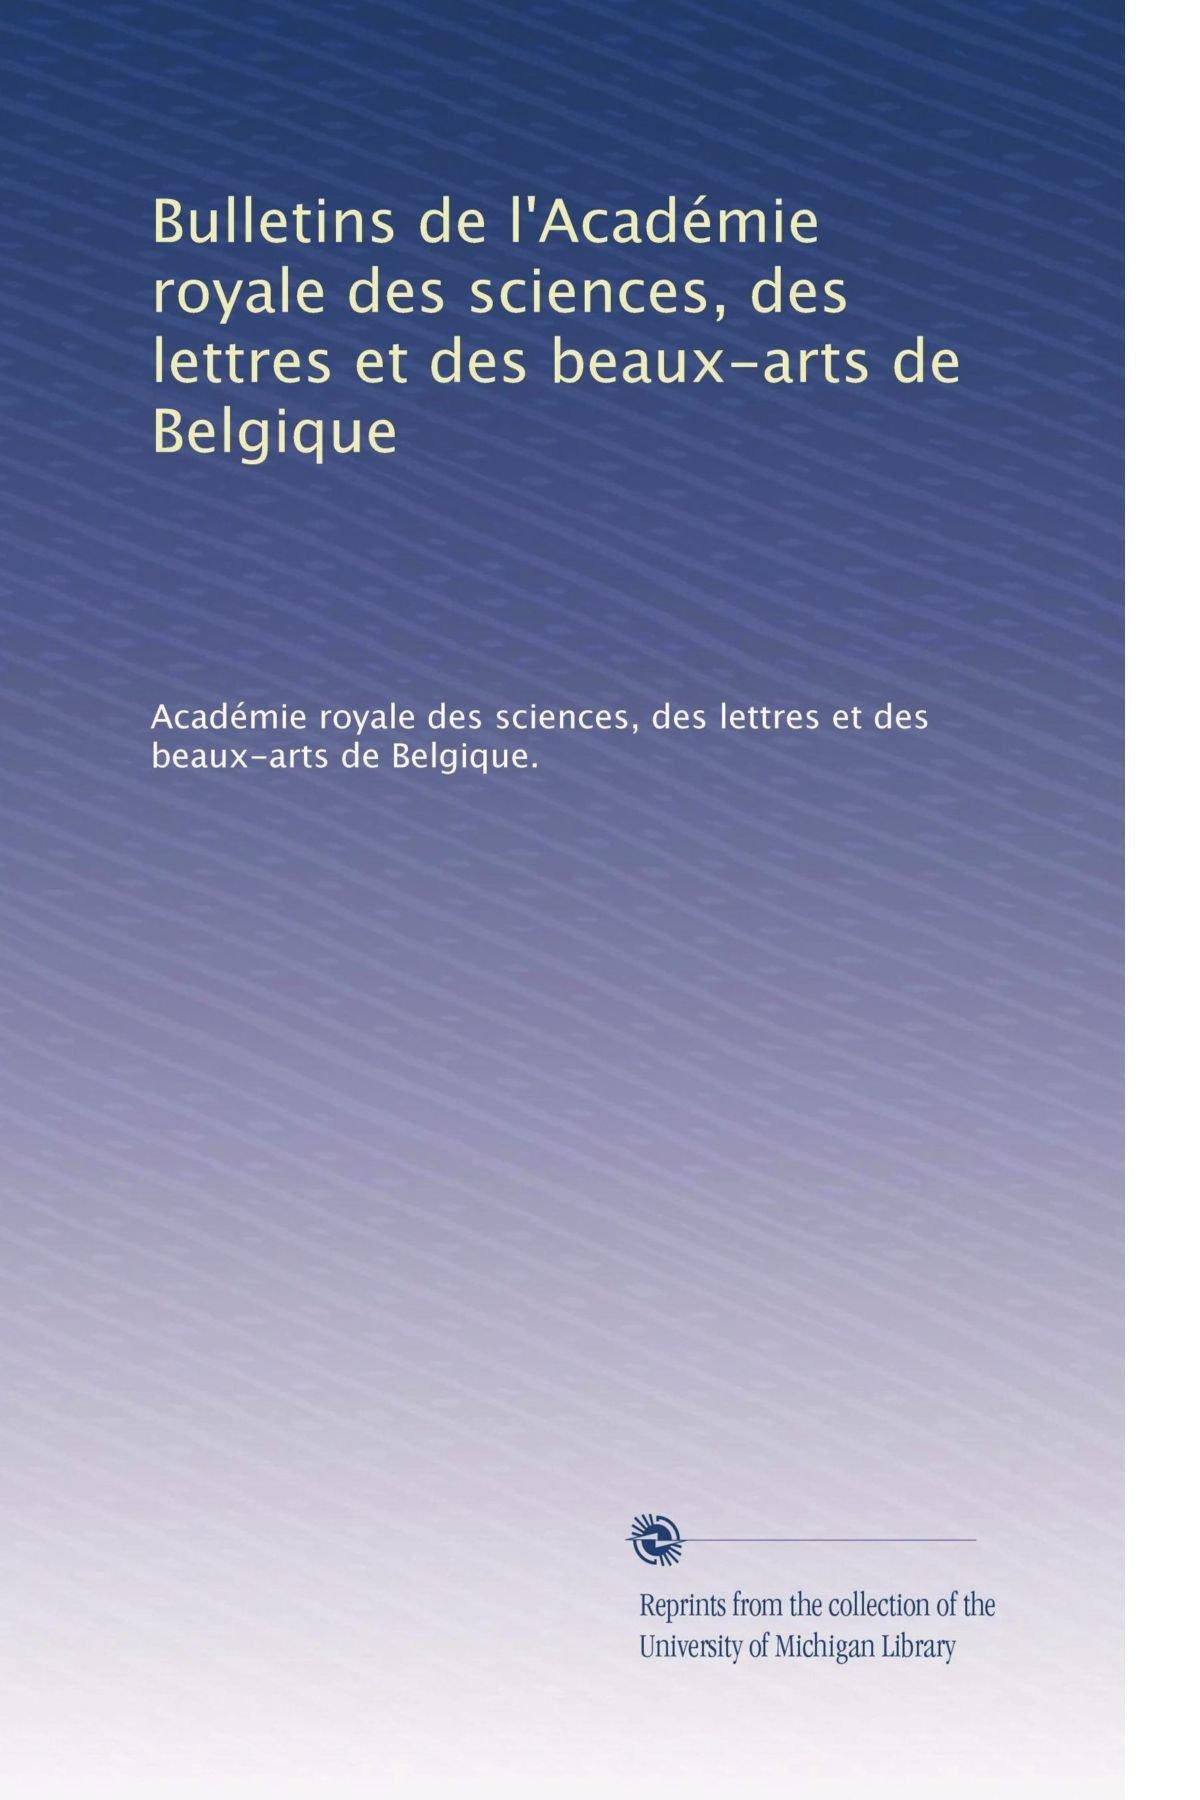 Bulletins de l'Académie royale des sciences, des lettres et des beaux-arts de Belgique (French Edition) pdf